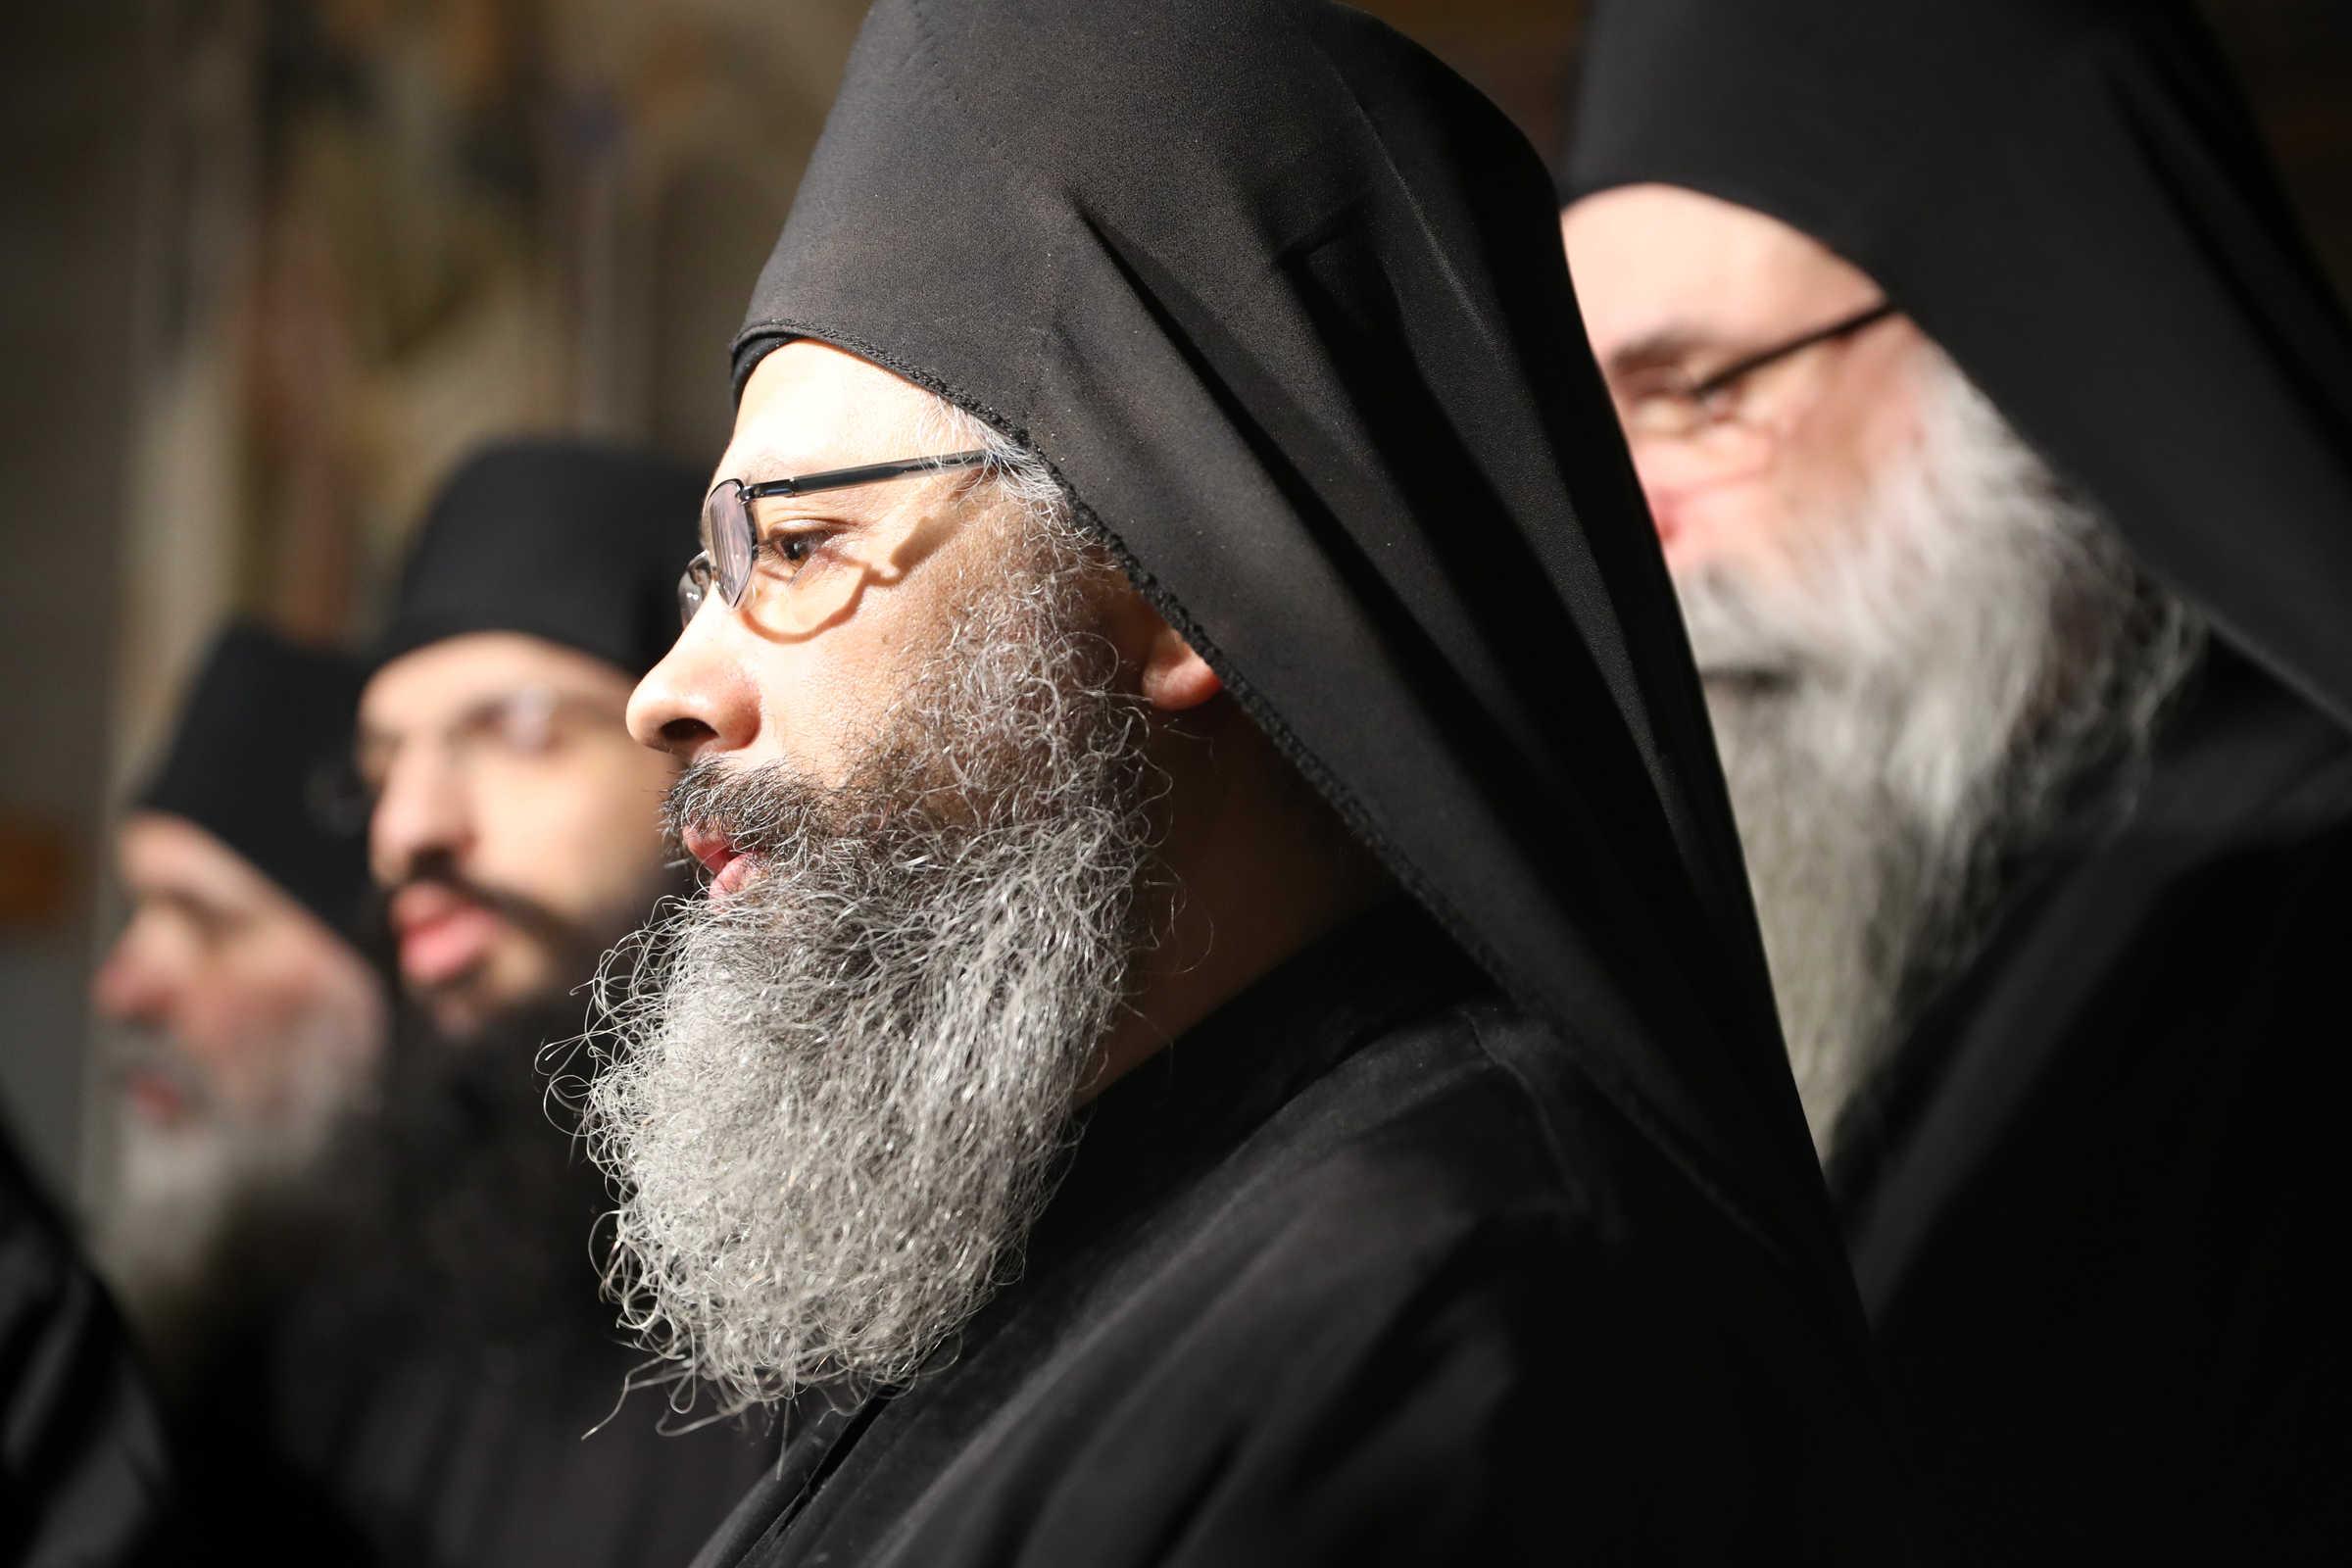 Izvorul lacrimilor este mai mare decât botezul - (c) mănăstirea Vatoped, Muntele Athos